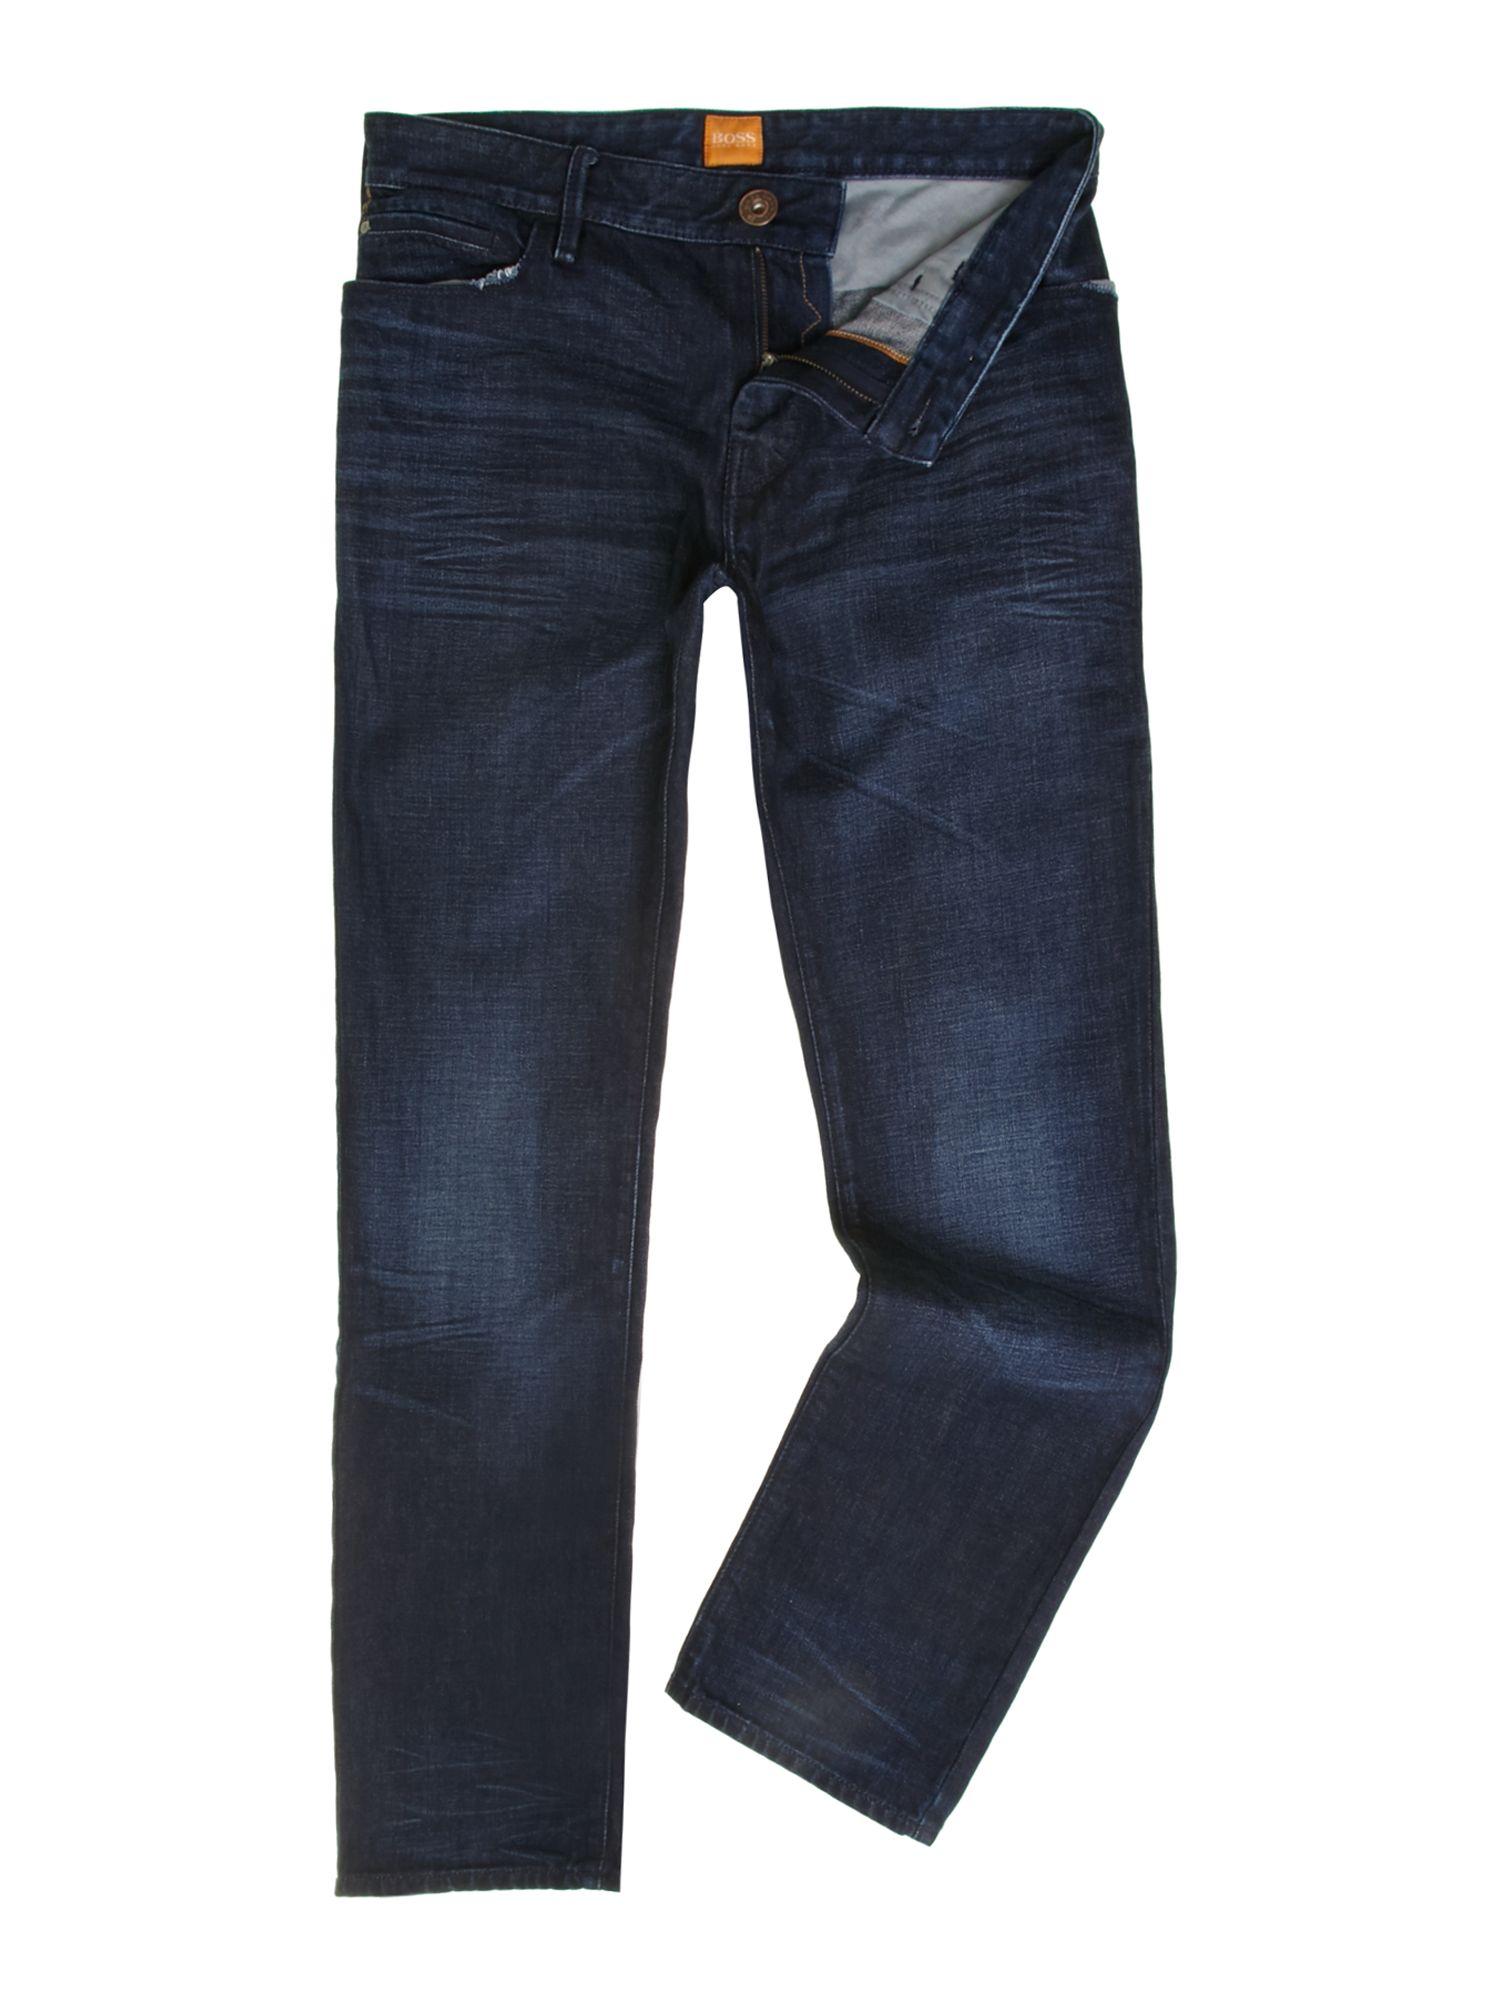 hugo boss orange 24 amsterdam jeans in blue for men denim. Black Bedroom Furniture Sets. Home Design Ideas